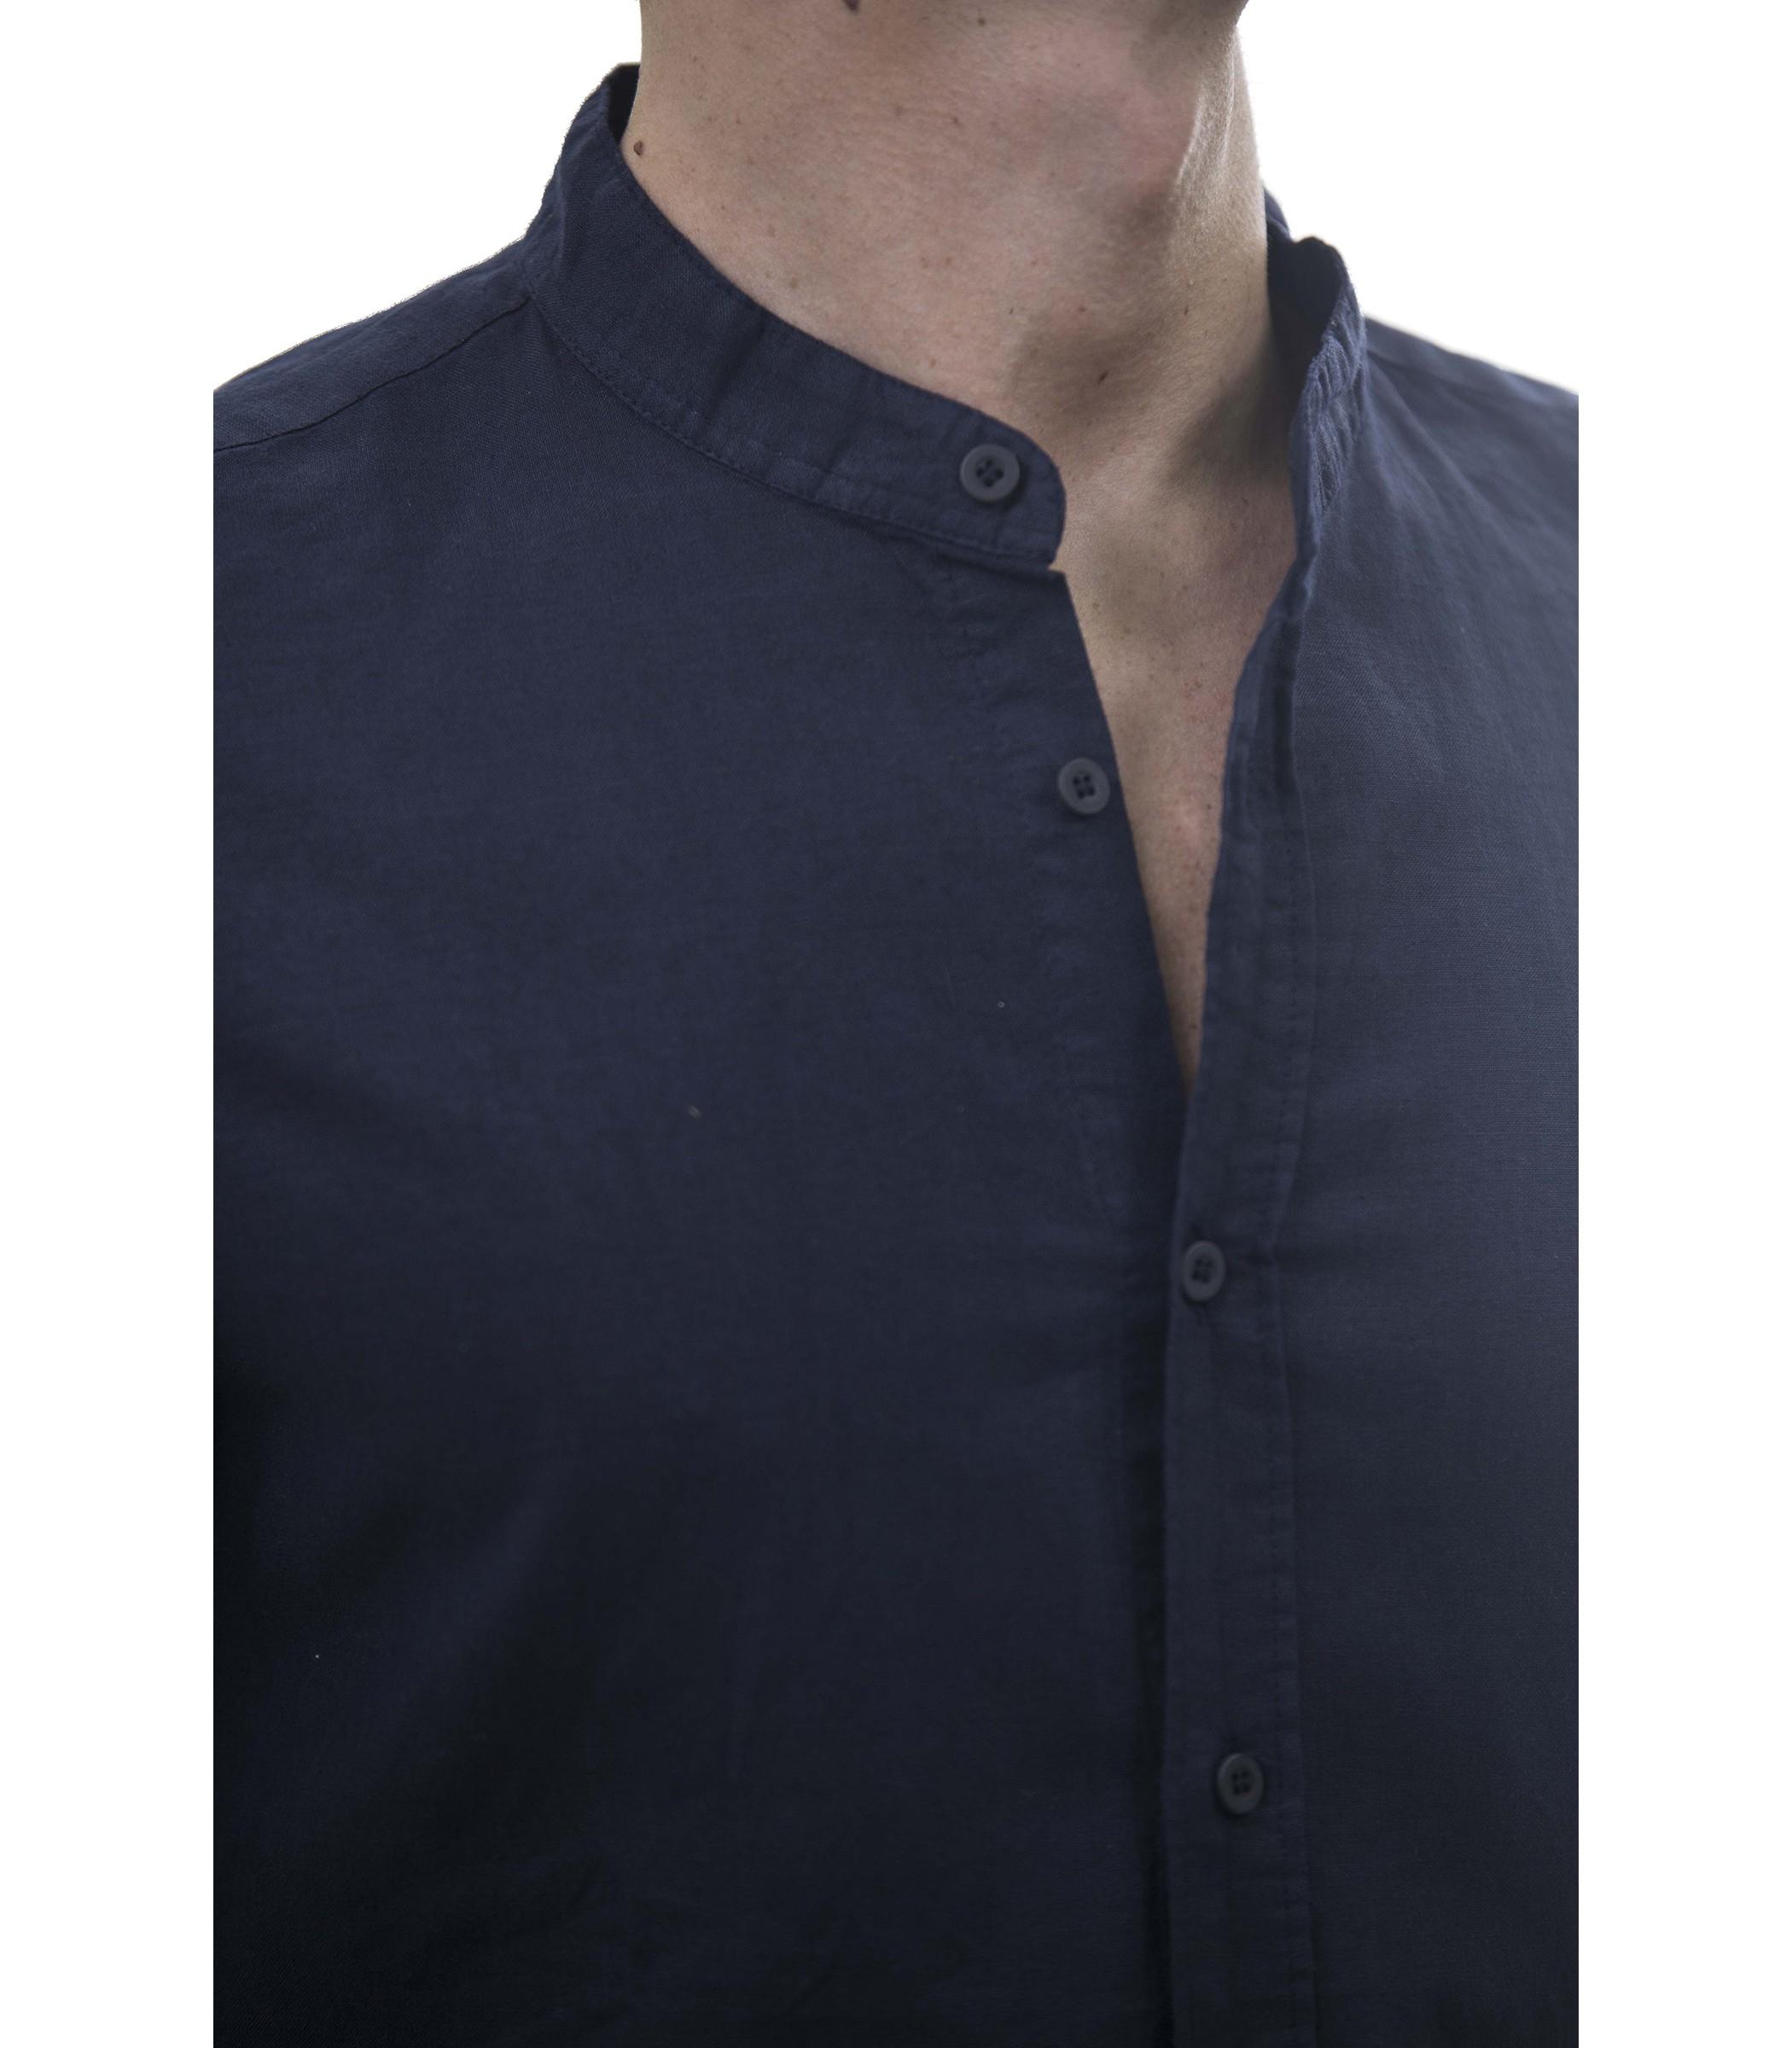 online retailer 35ea6 8c631 Camicia da uomo a maniche lunghe misto lino con collo alla ...